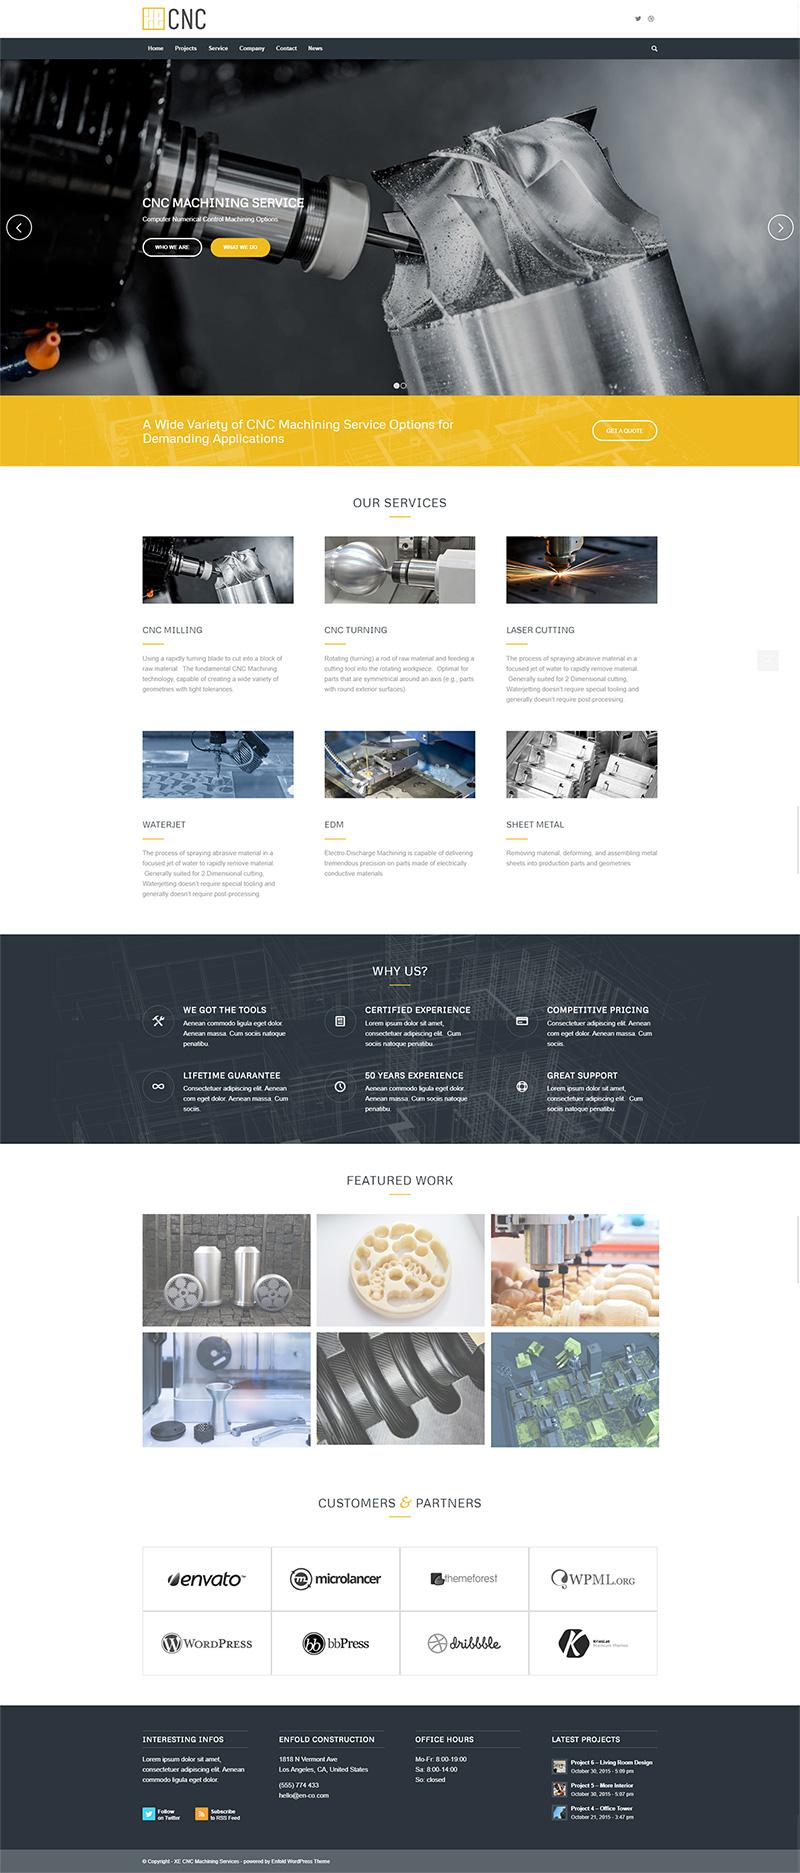 《从零开始搭建外贸网站之网站首页-Day 4》